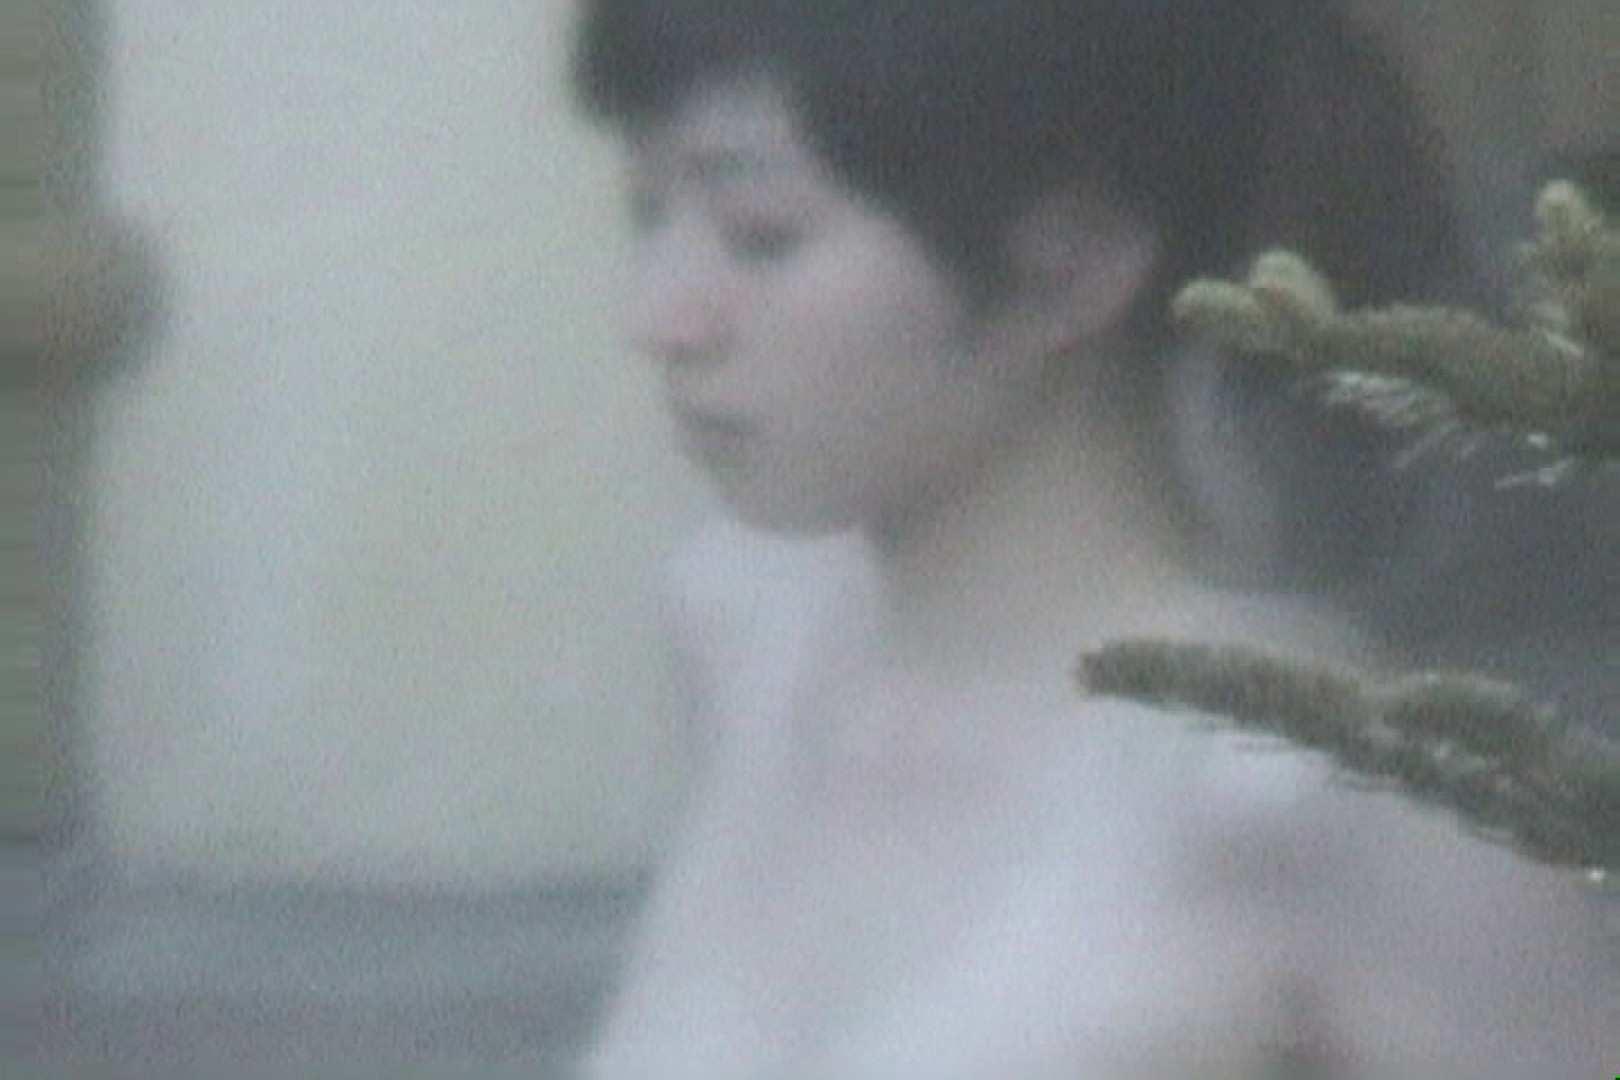 Aquaな露天風呂Vol.83【VIP限定】 OLハメ撮り  101Pix 36